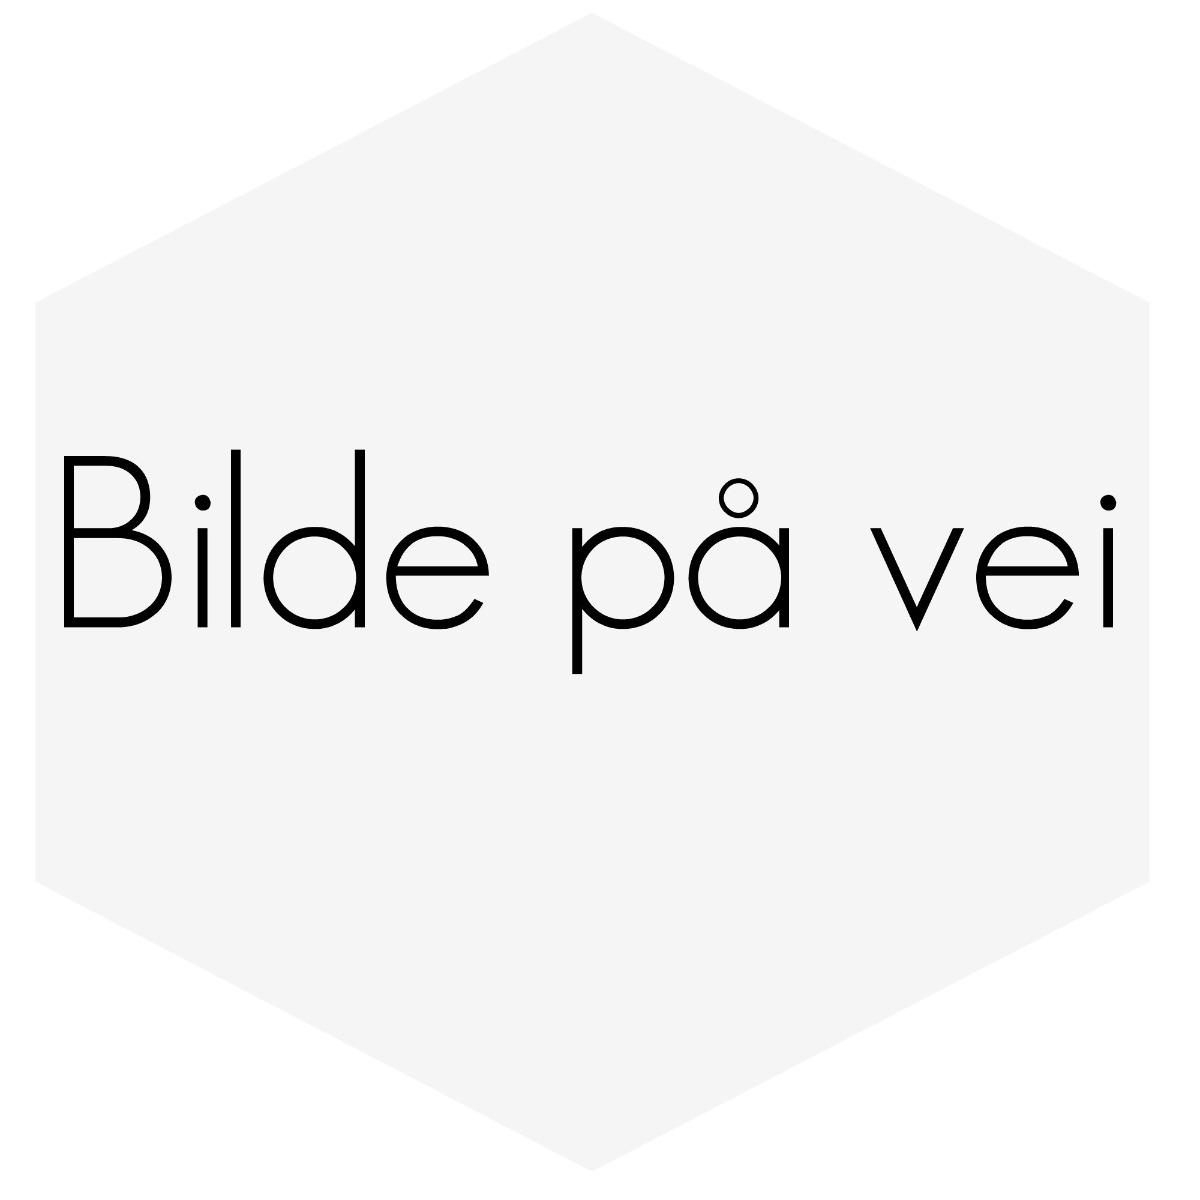 SILIKONSLANGE RØD KOBLING 4,25'' (108MM)